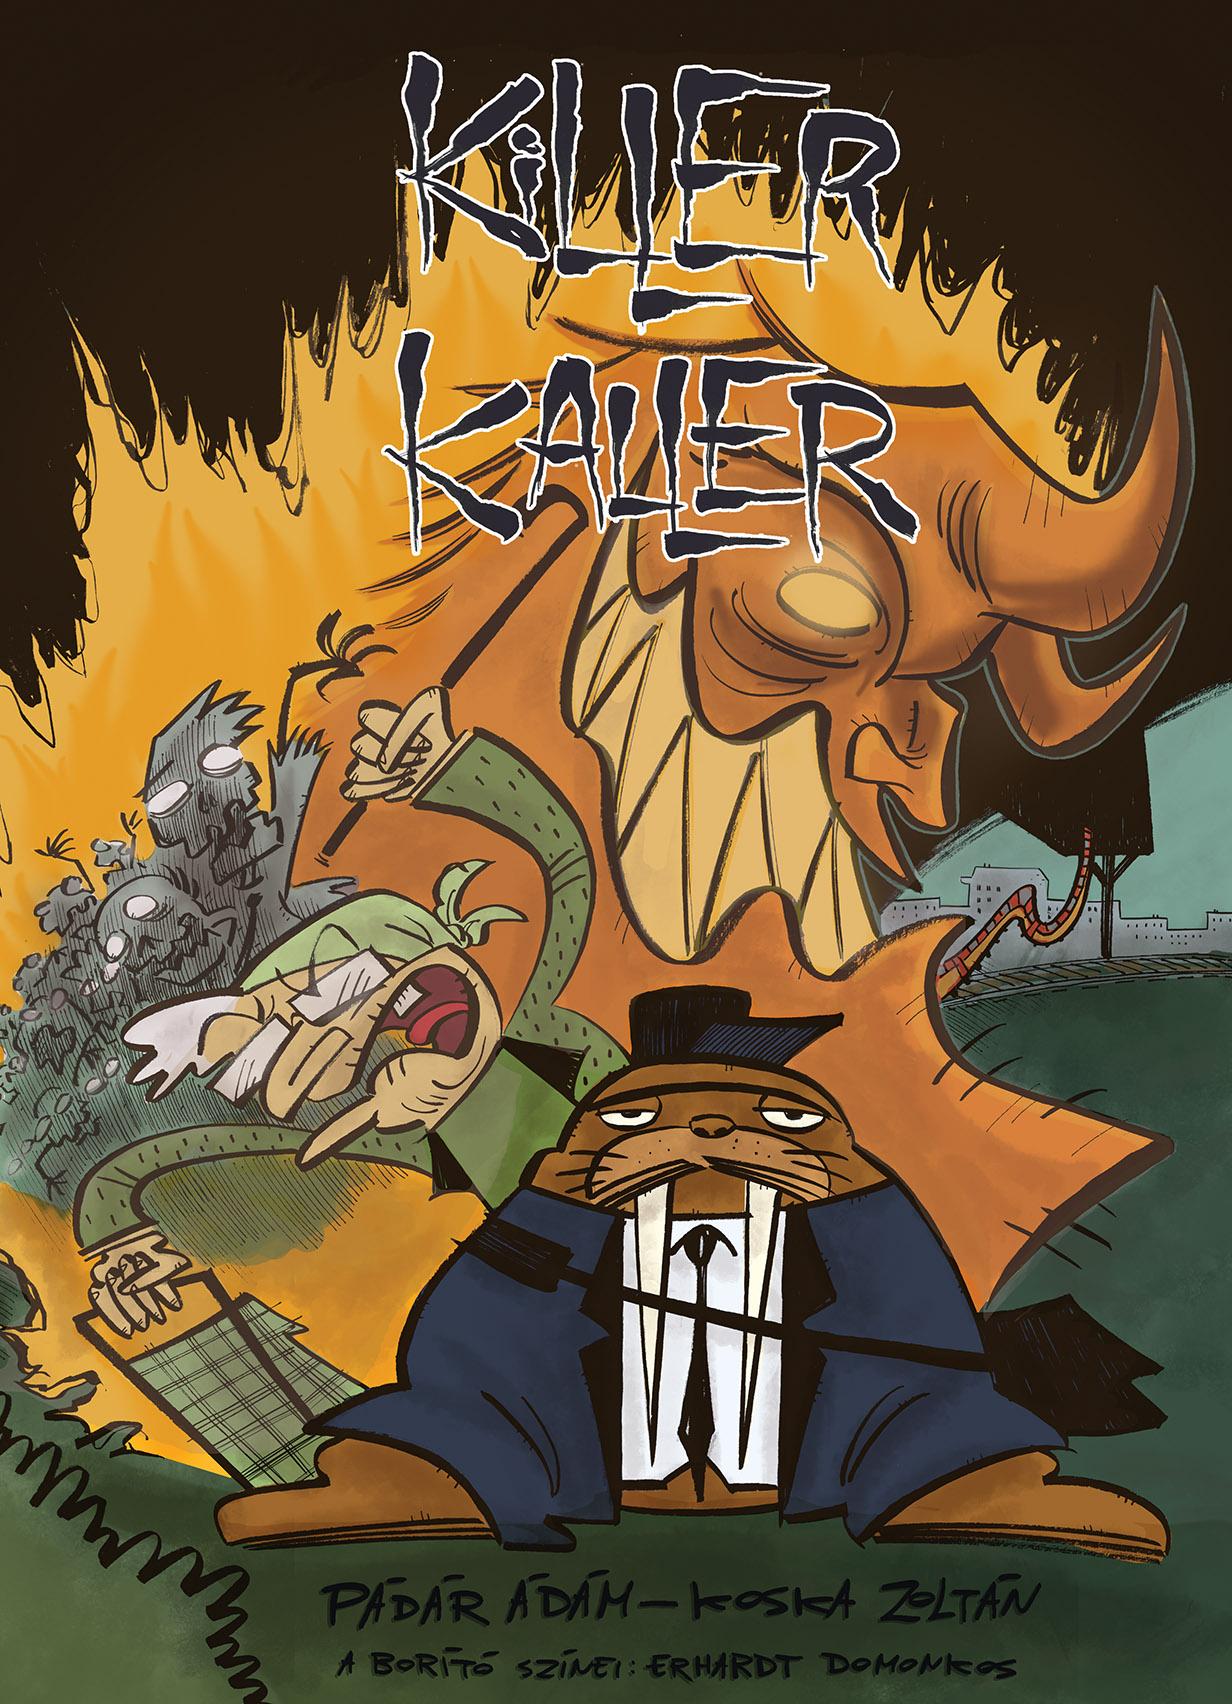 KillerKaller.jpg